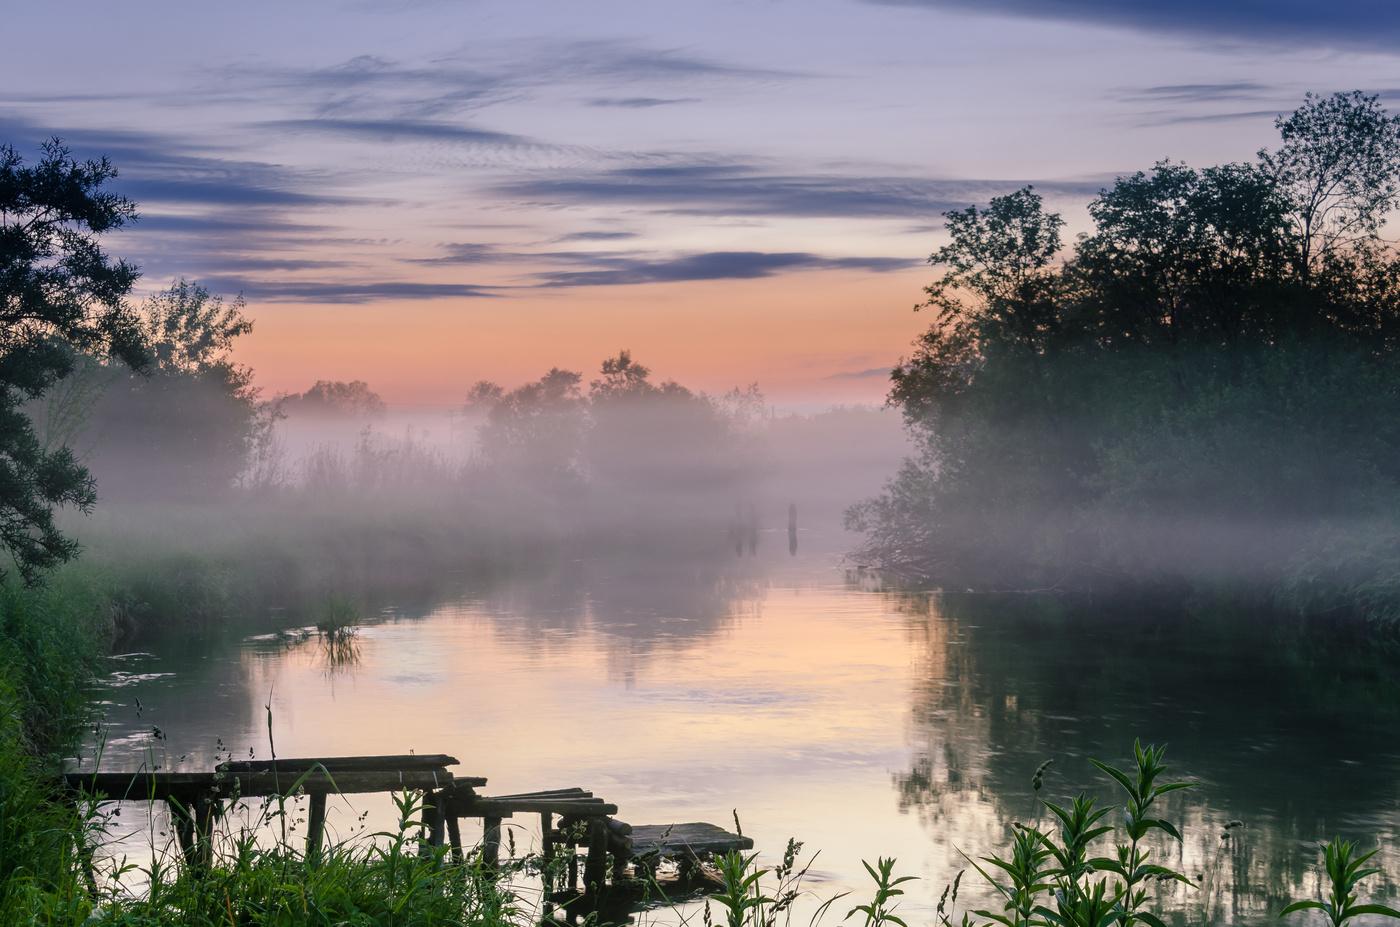 вот пришел туман над рекой фото направления